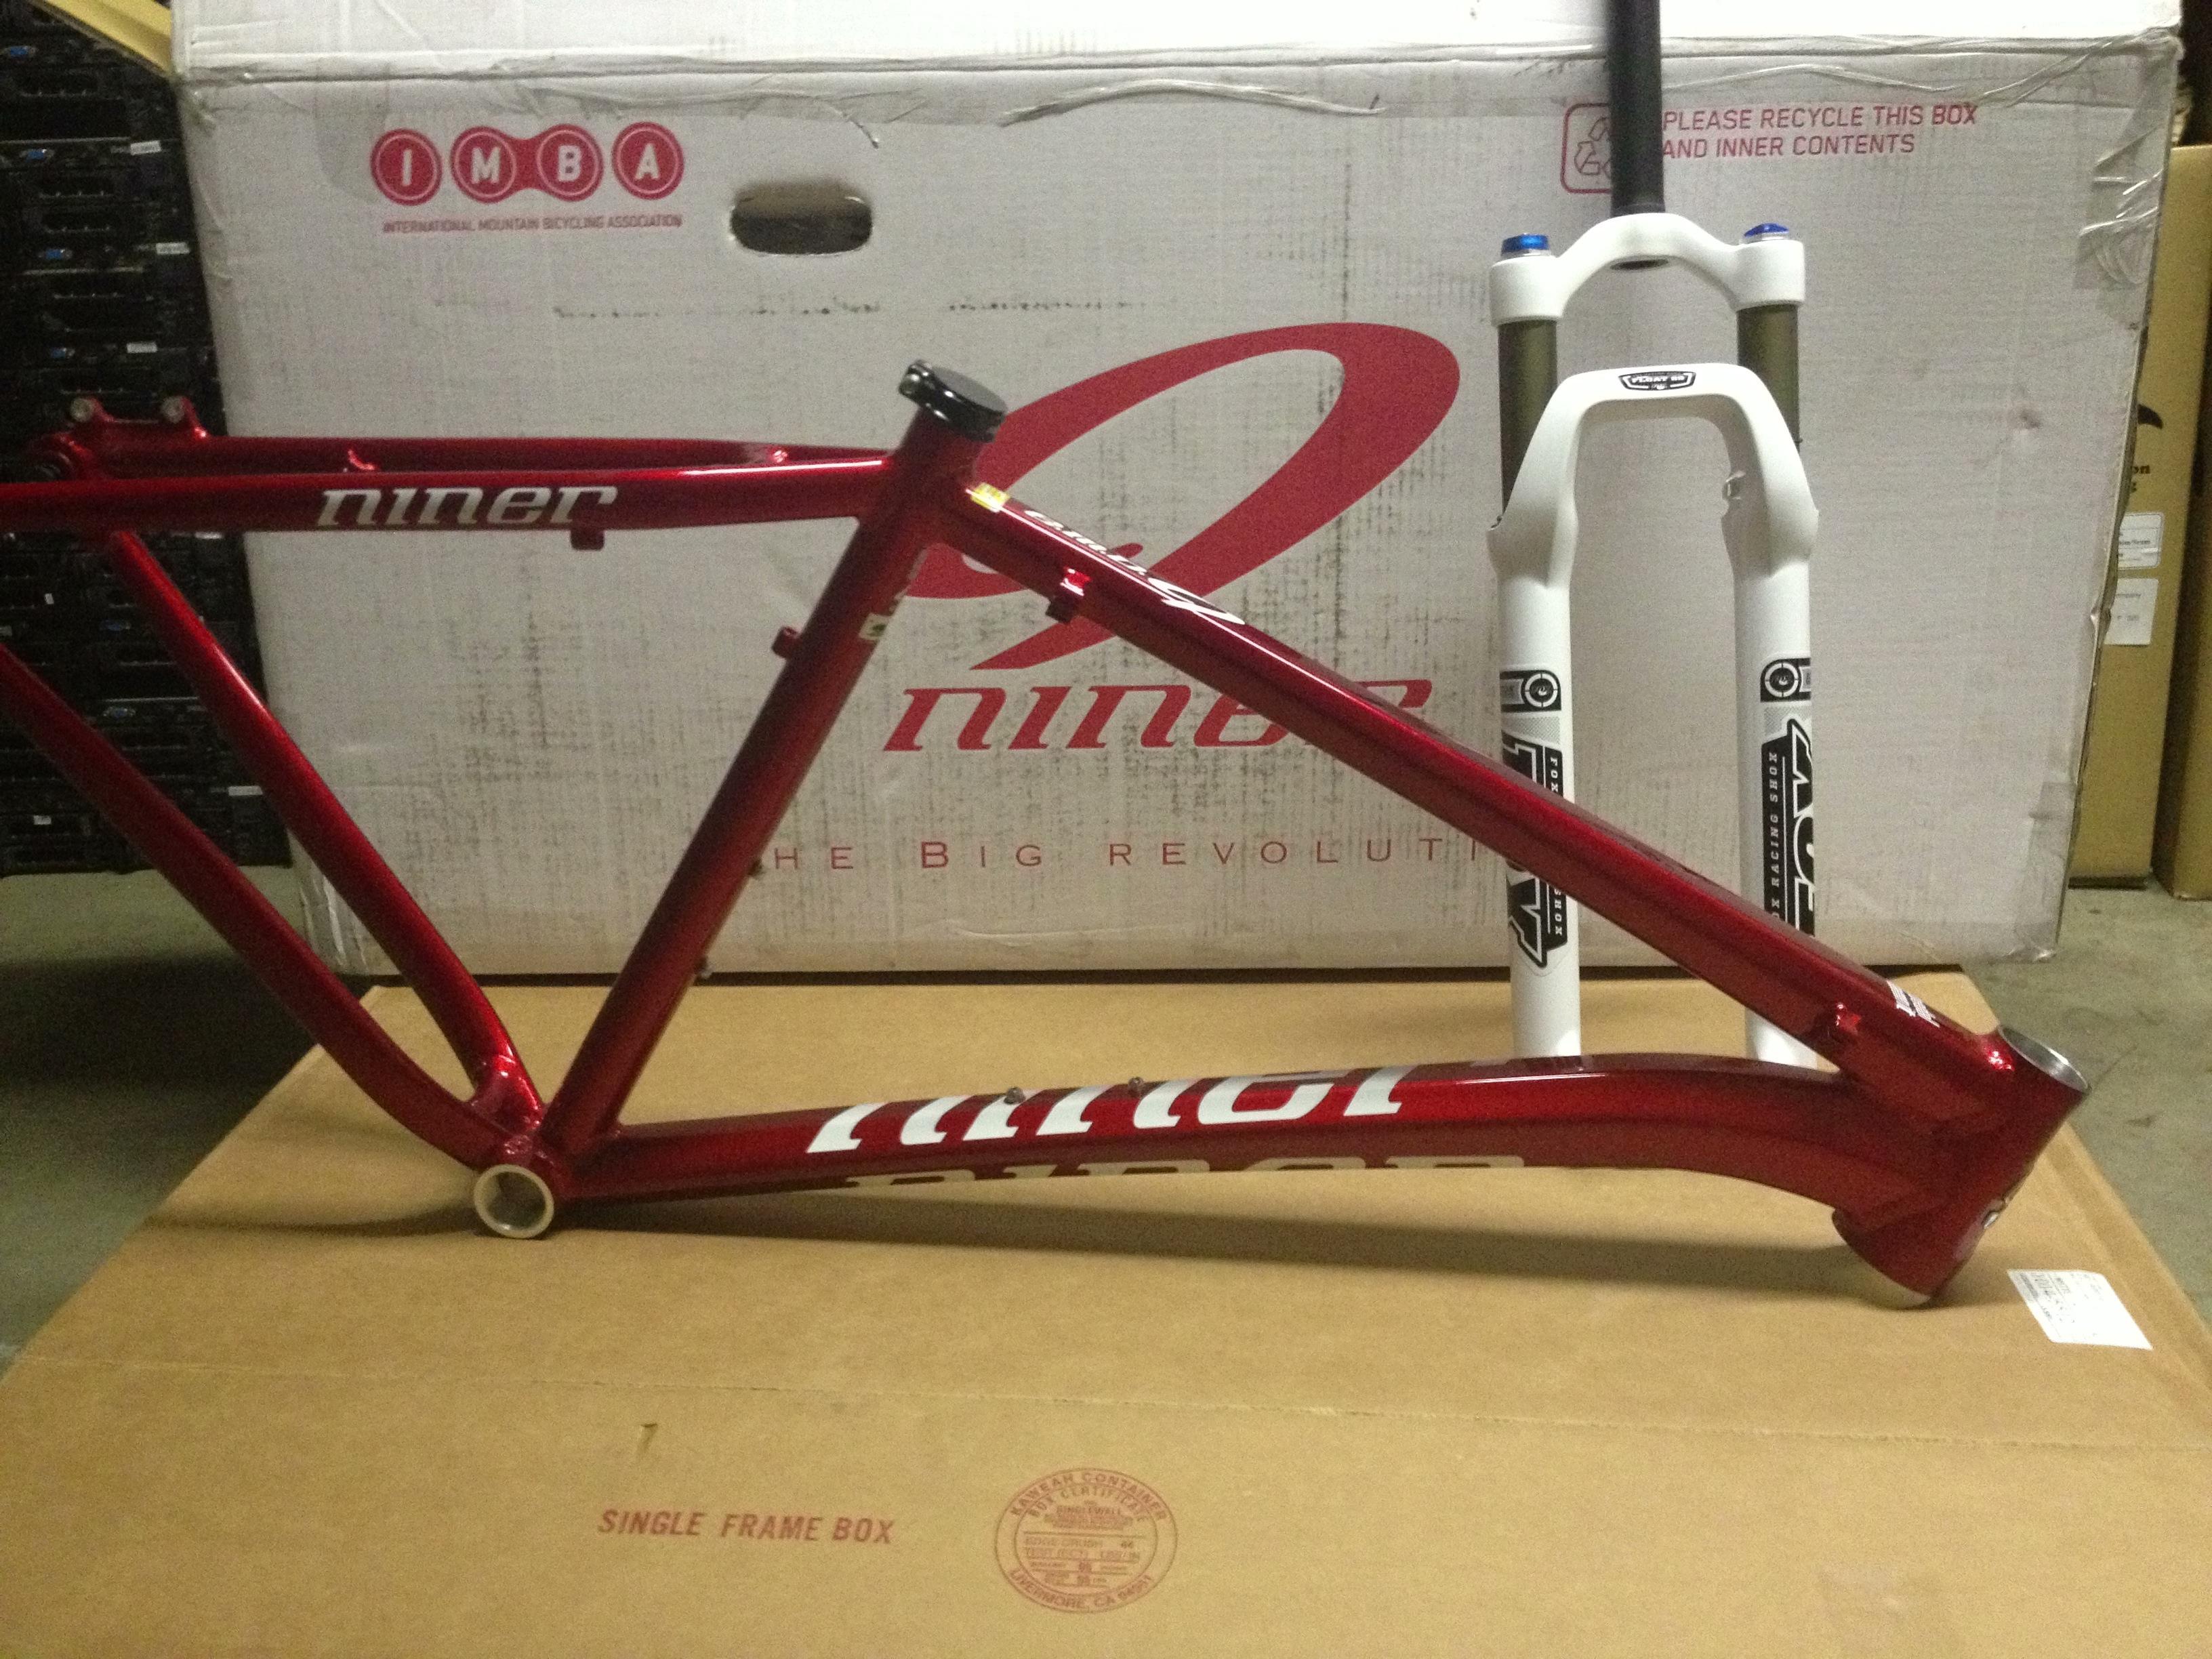 2013 Niner EMD 9 | Aaron Ryan\'s Bikes, Gadgets and Hobbies